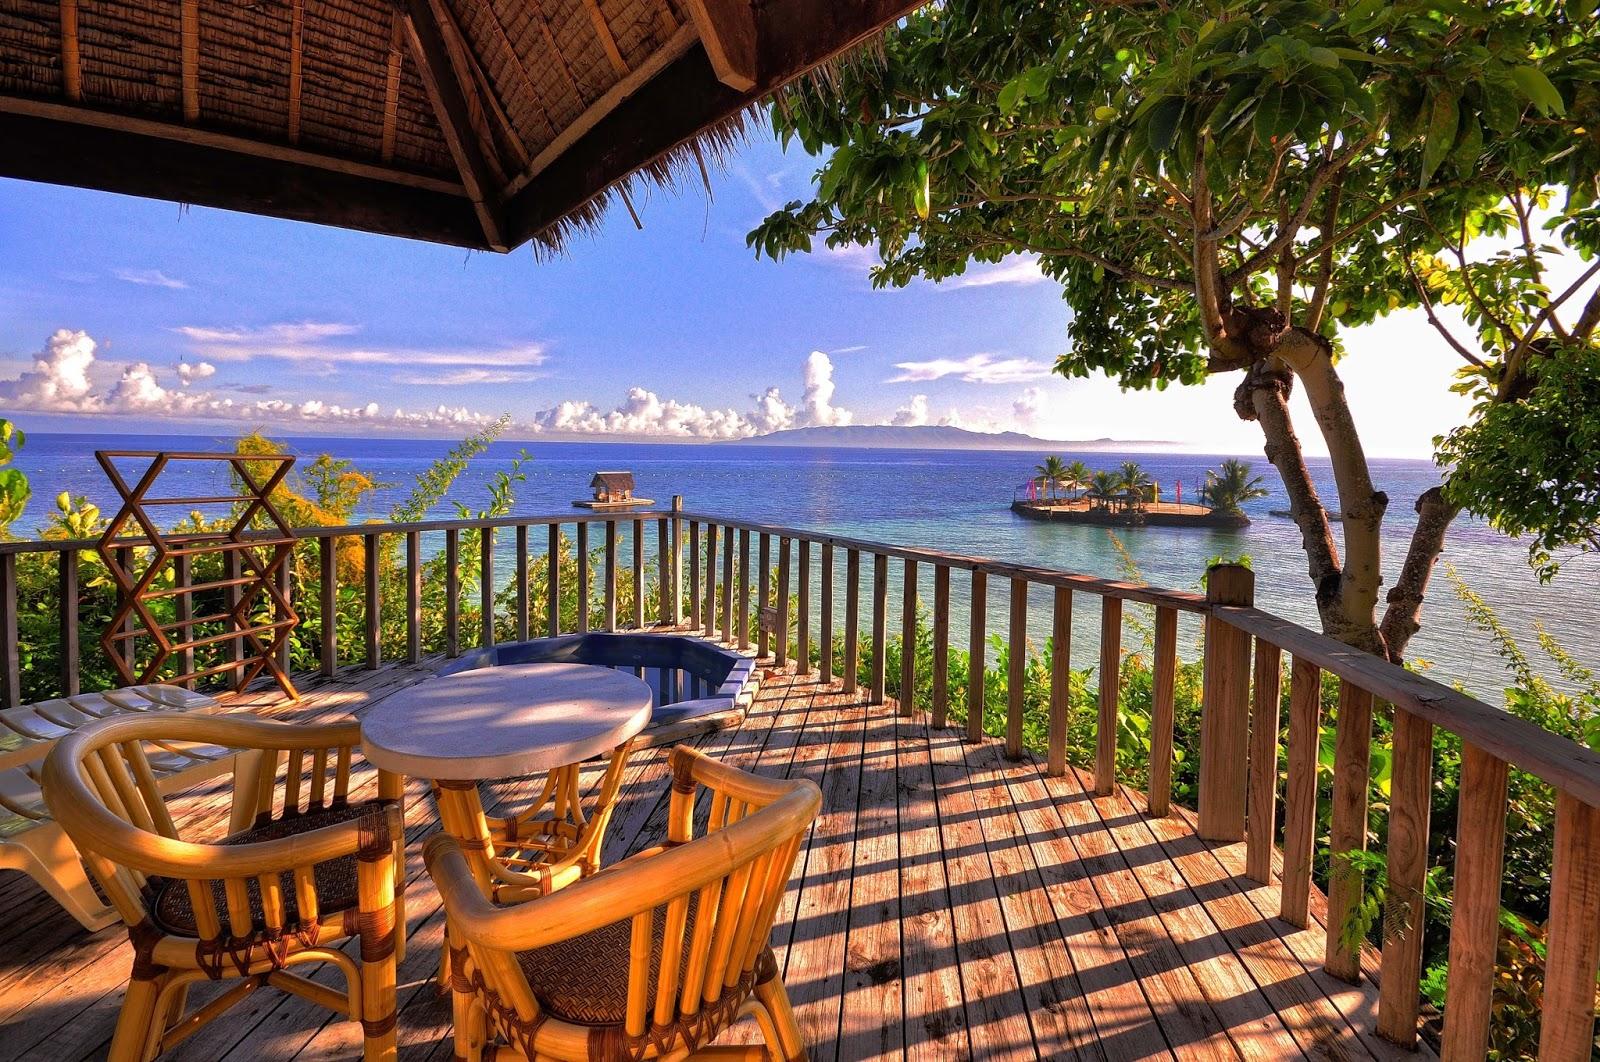 Imagenes zt descarga fondos hd fondo de pantalla for Balcony view wallpaper